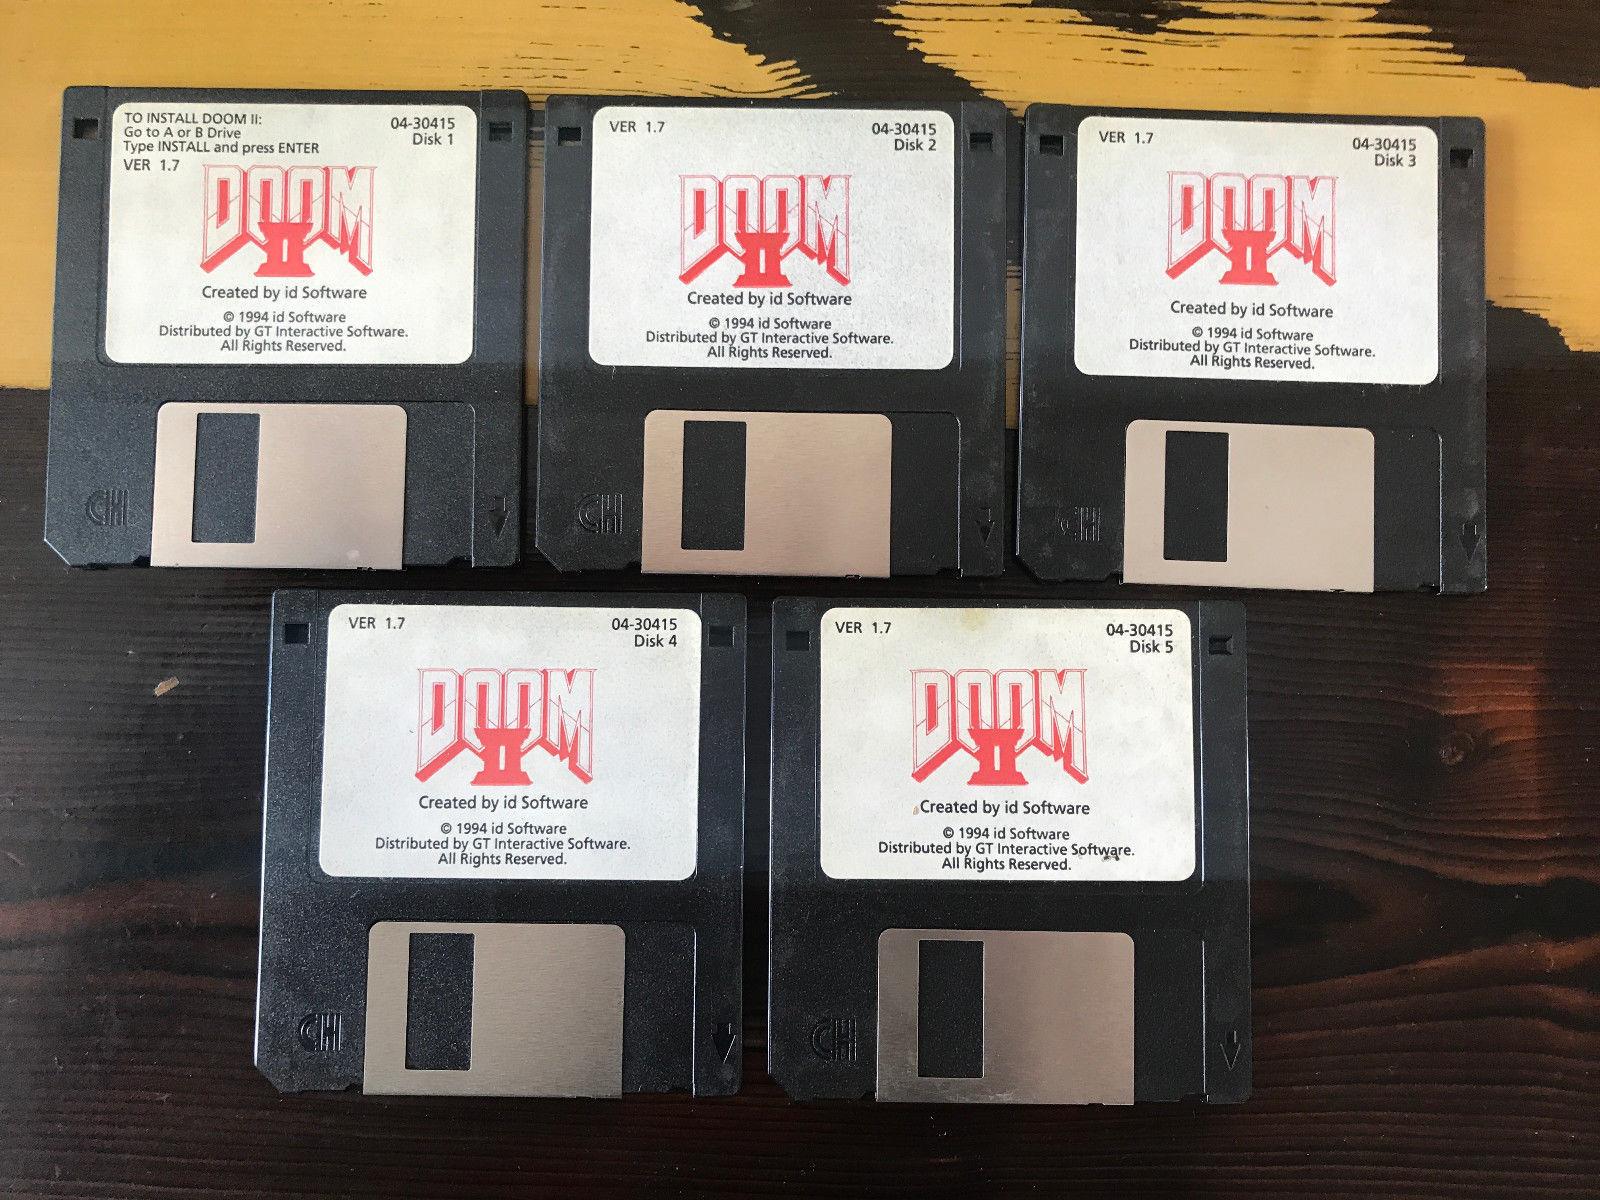 DOOM 2 disks